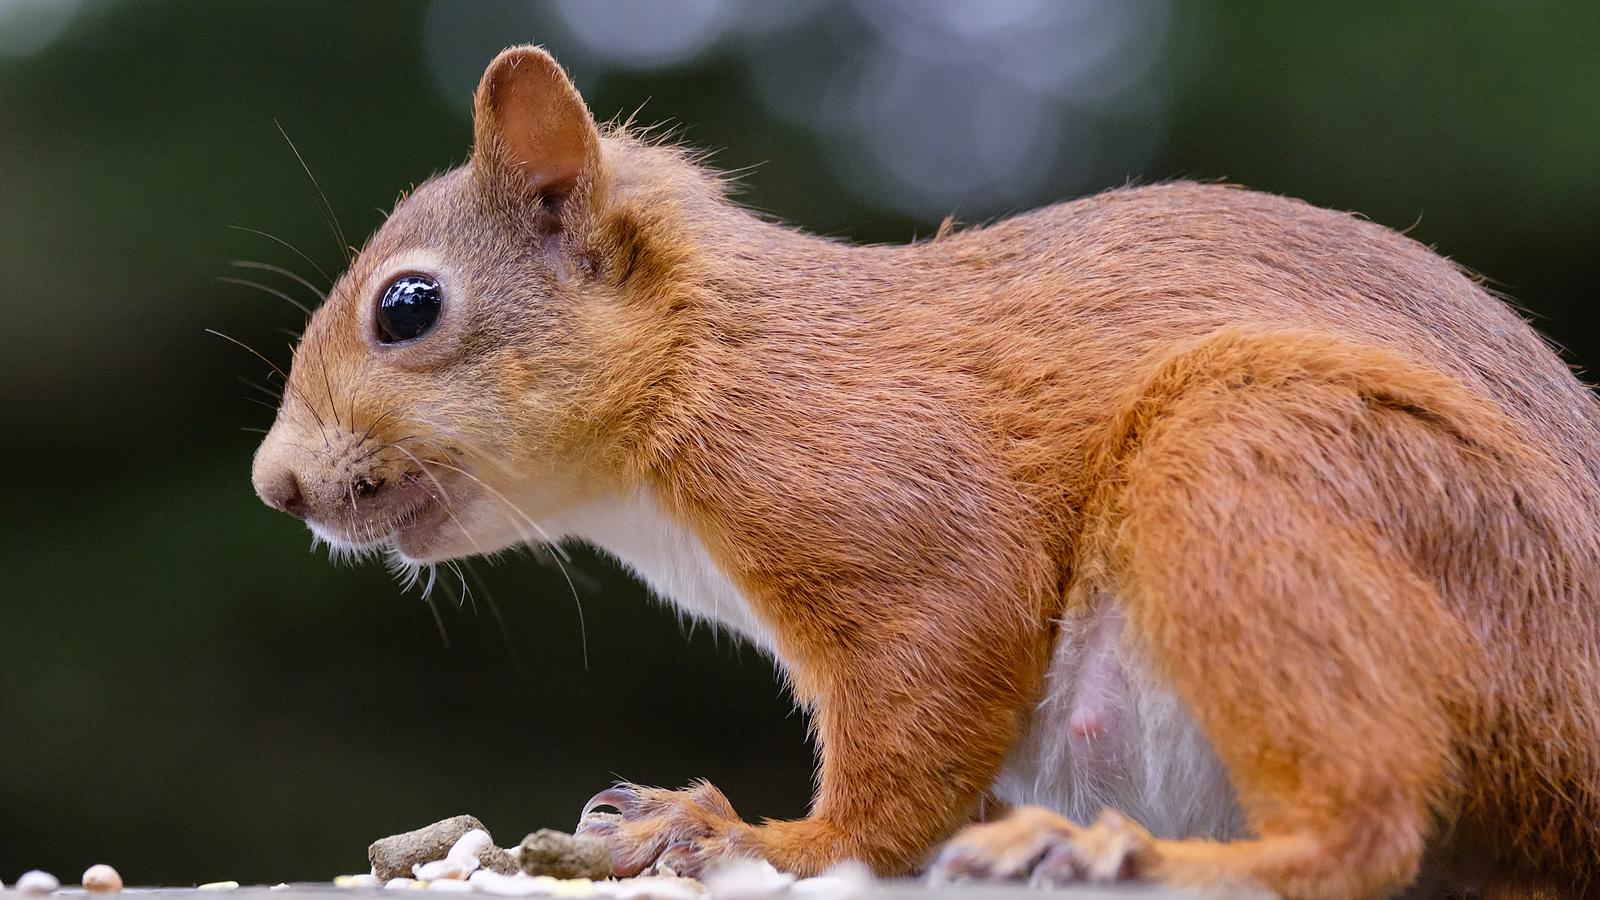 59a3eb073aa70_SquirrelStare.jpg.327f4300